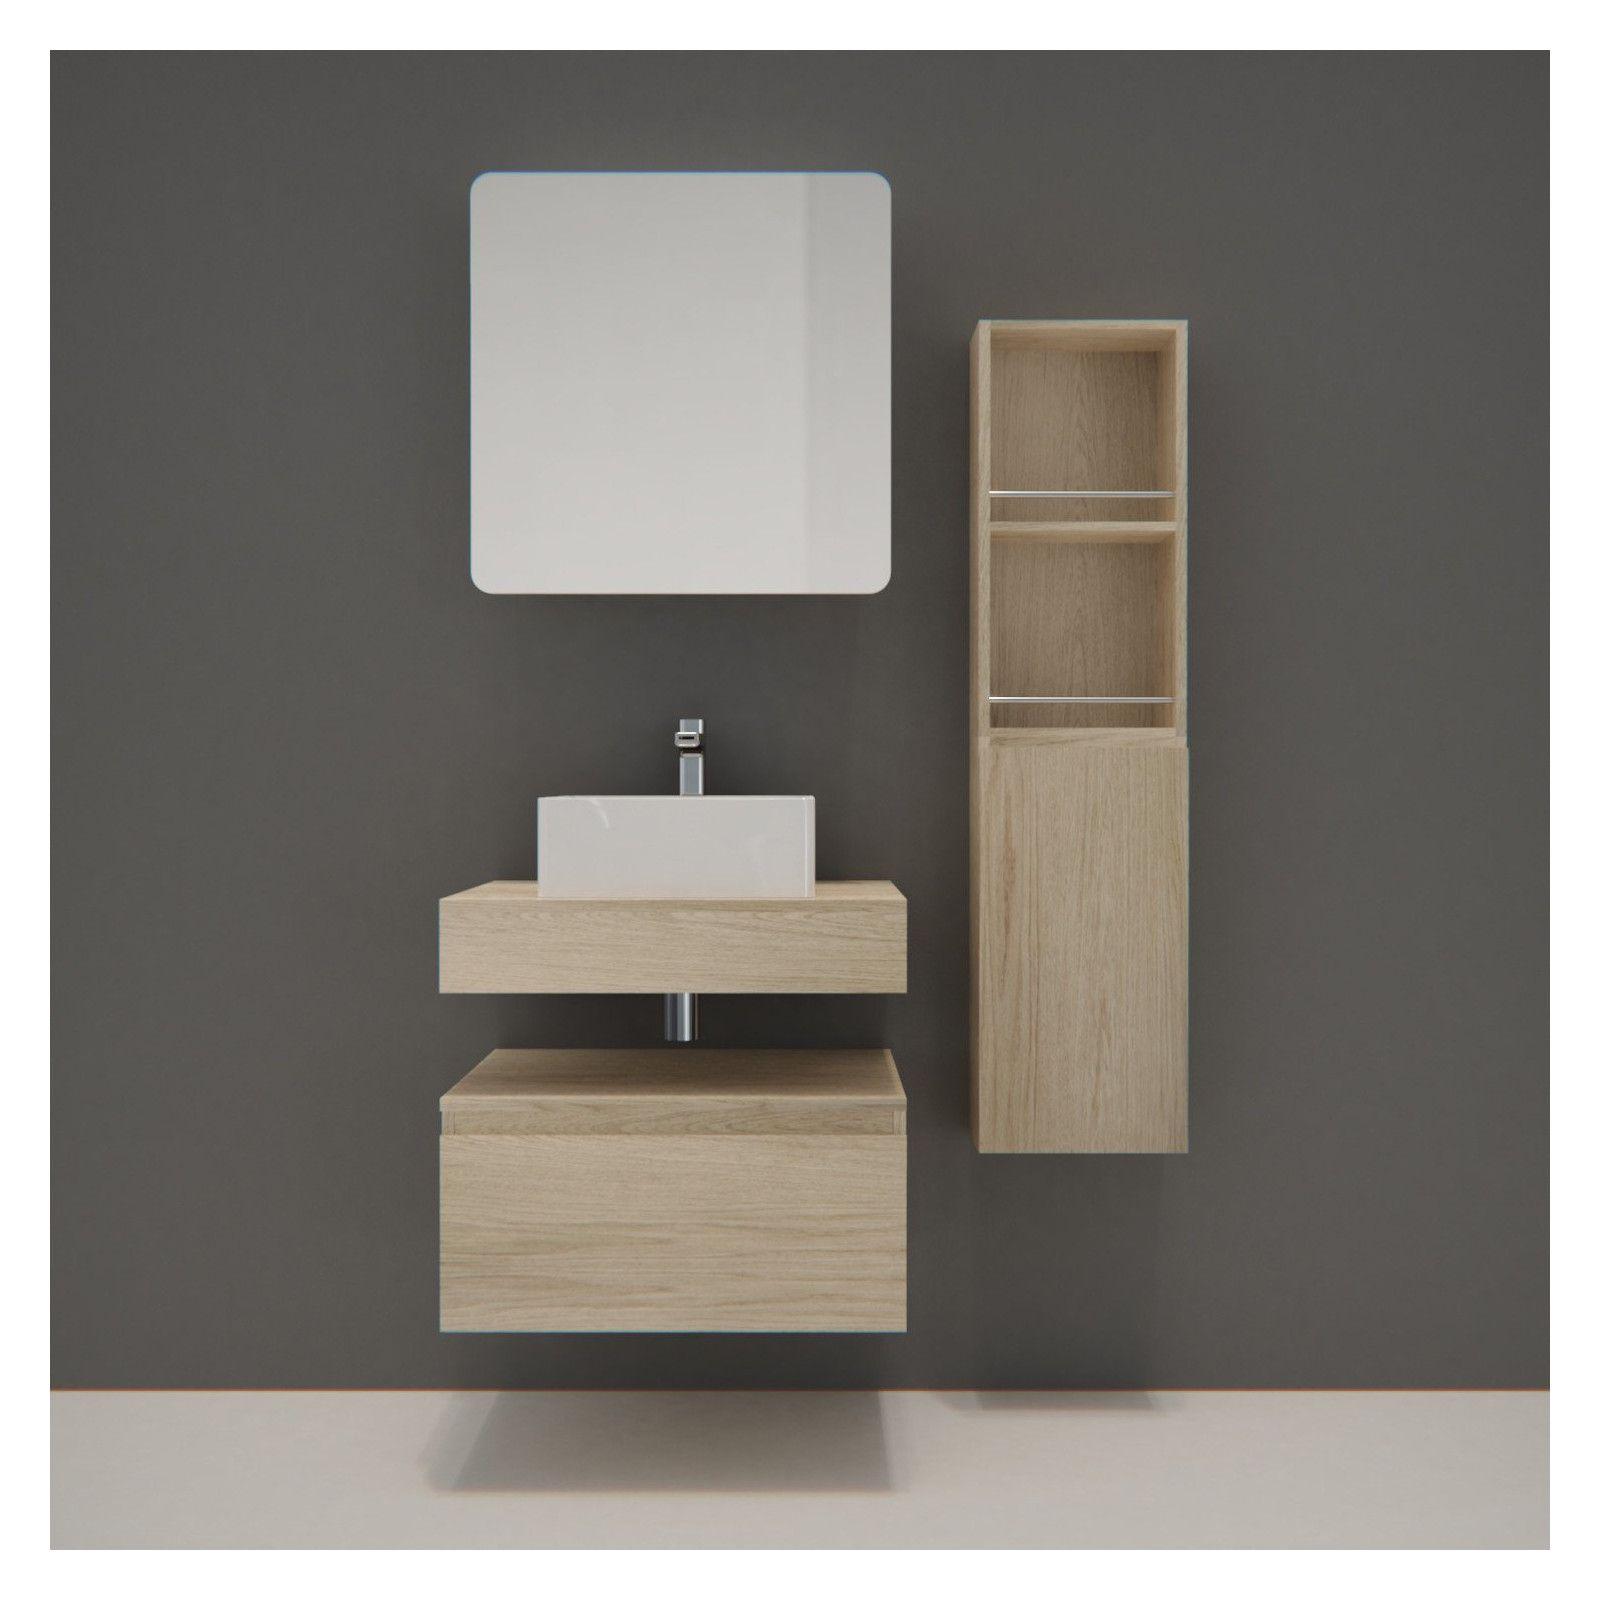 meuble de salle de bain will plan suspendu 60 cm vasque armoire de toilette equerres modules de rangement